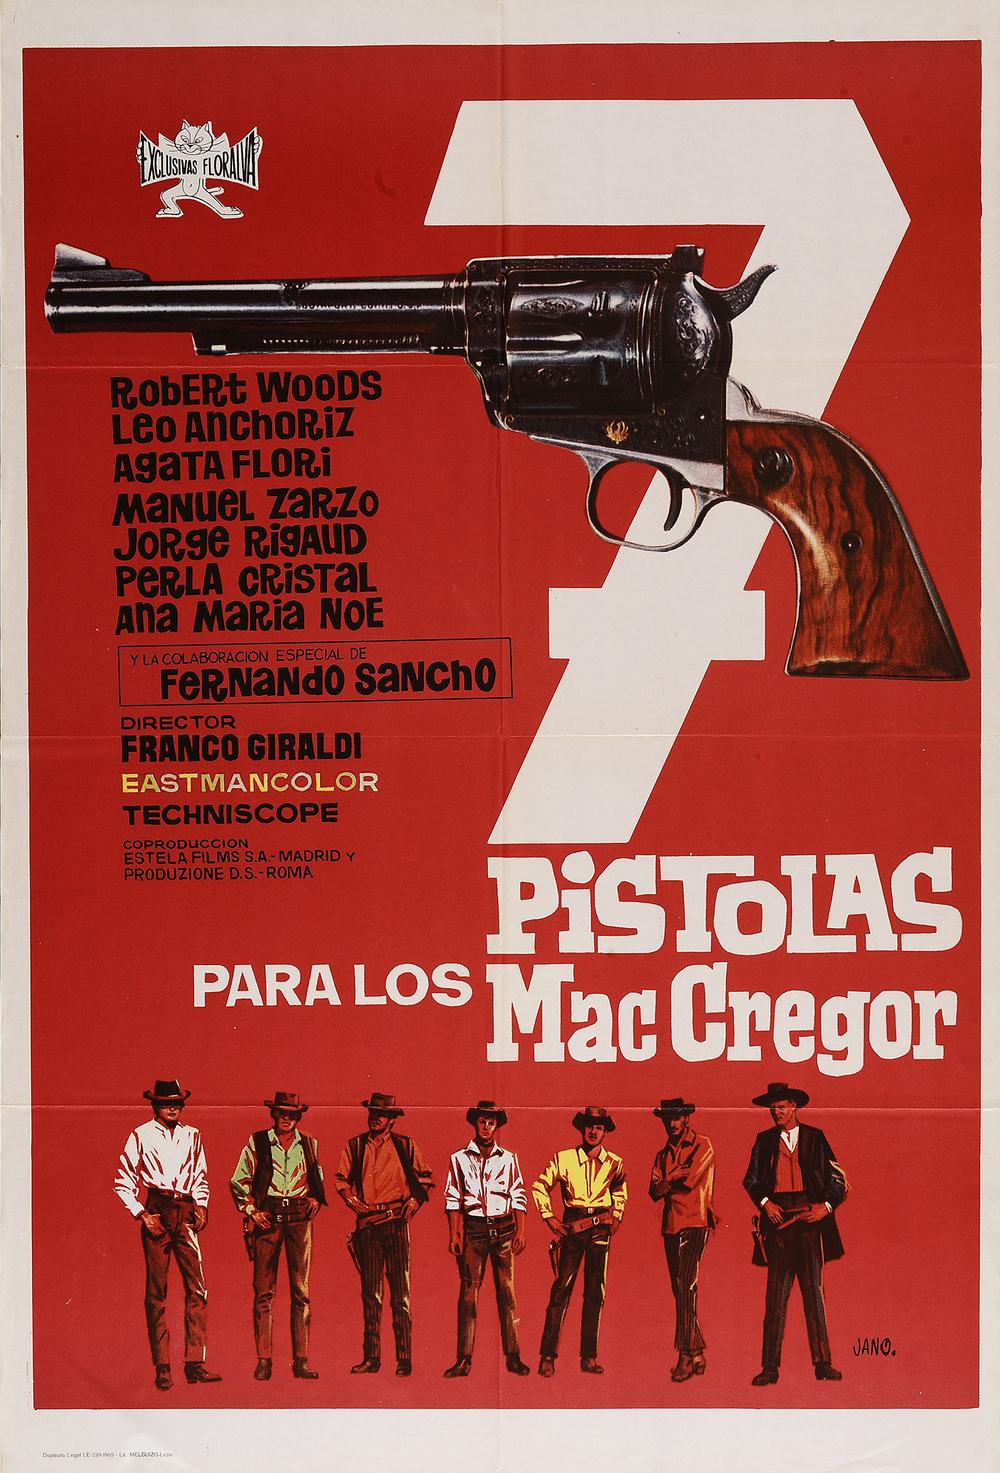 7 pistolas para los MacGregor.jpg